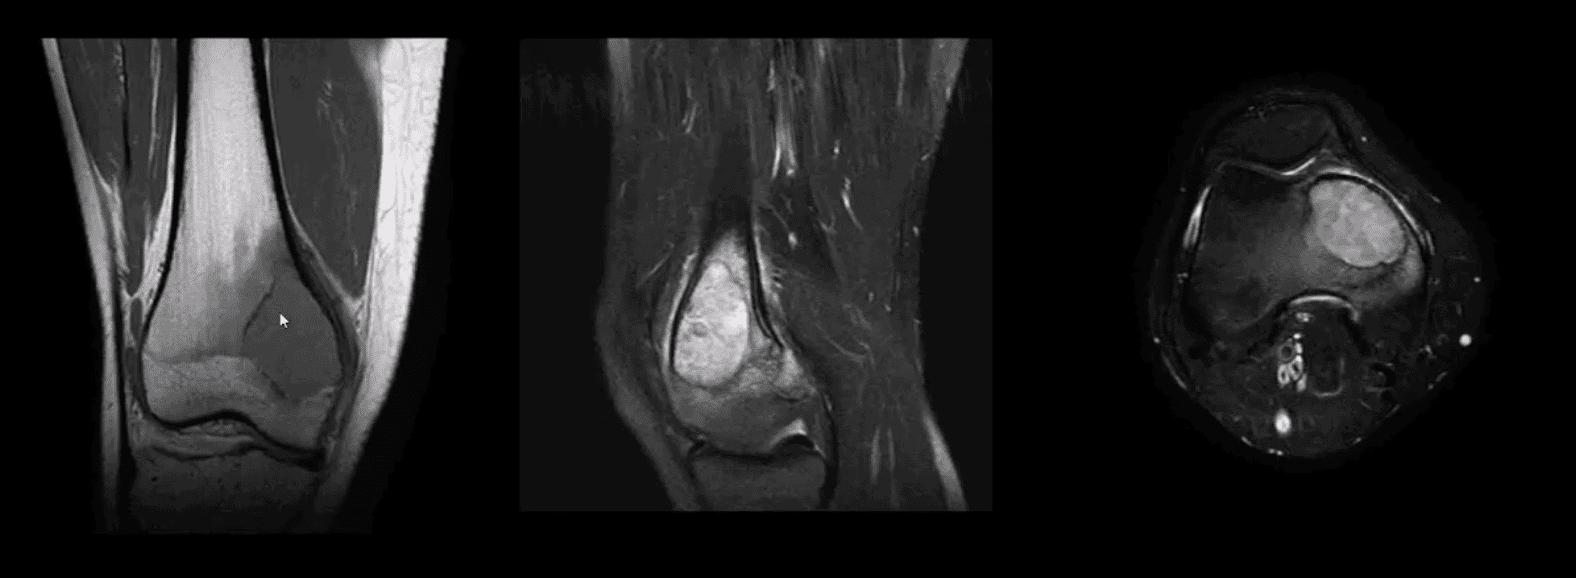 dor no joelho tratamento quiroprático el paso tx.